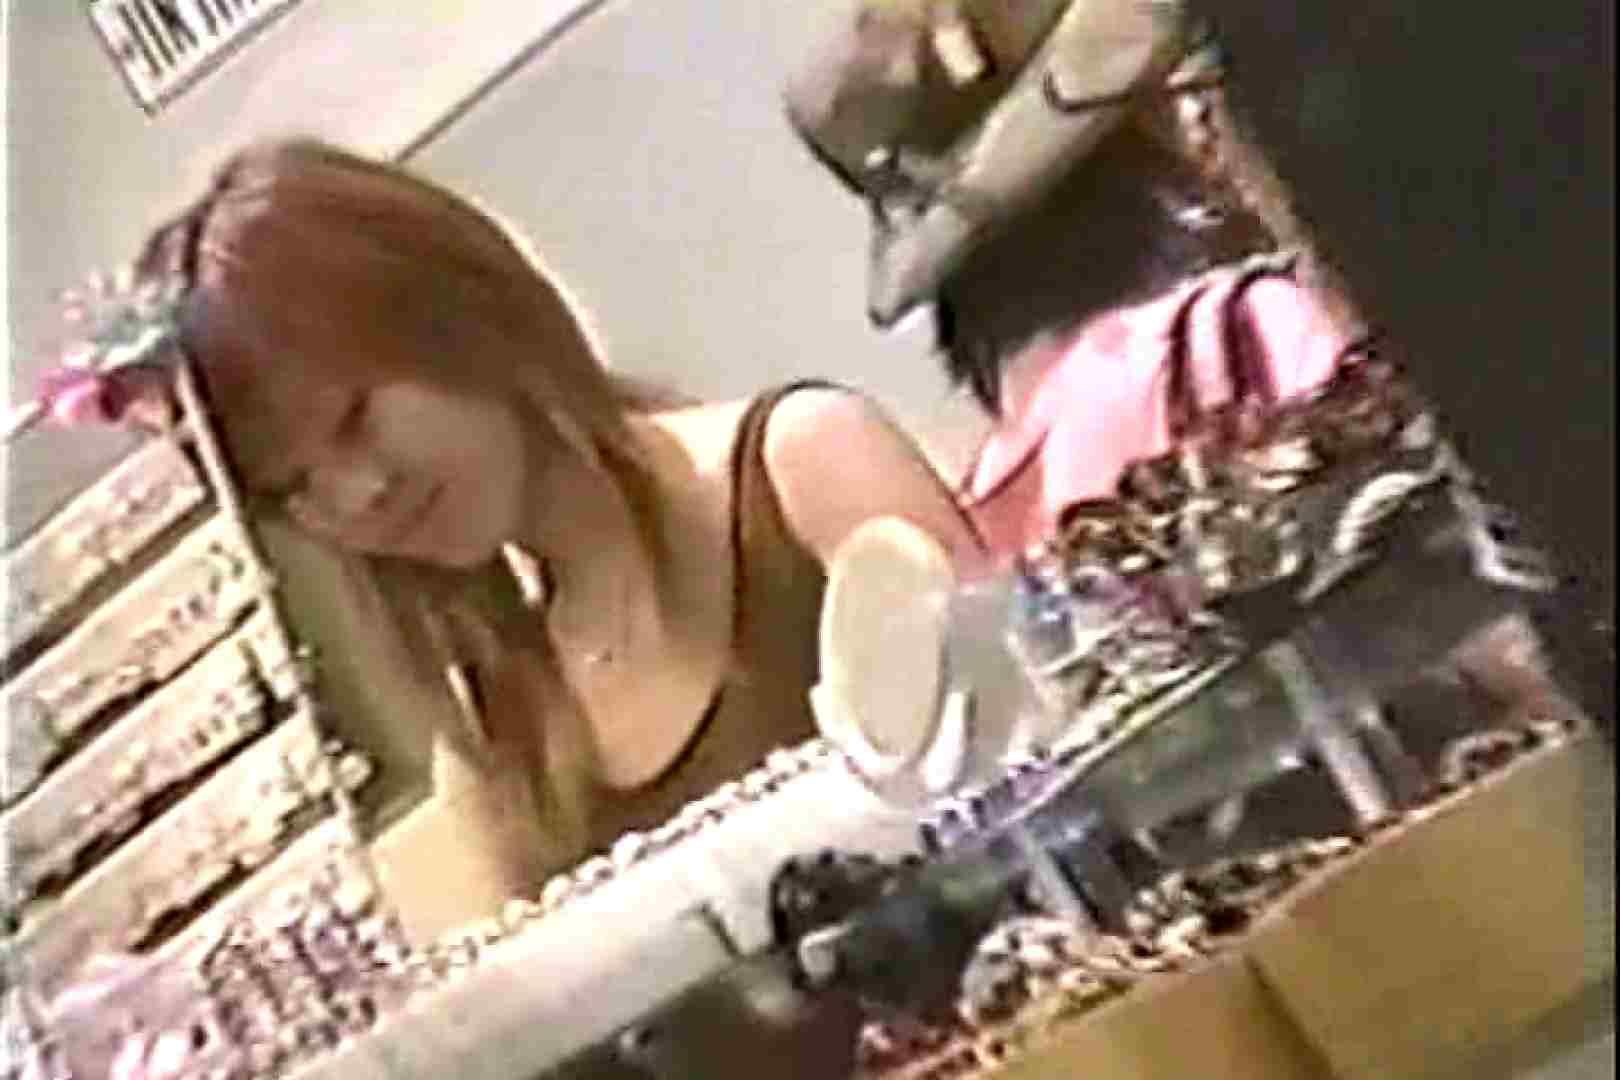 「ちくりん」さんのオリジナル未編集パンチラVol.6_02 美しいOLの裸体 盗み撮り動画キャプチャ 71pic 2